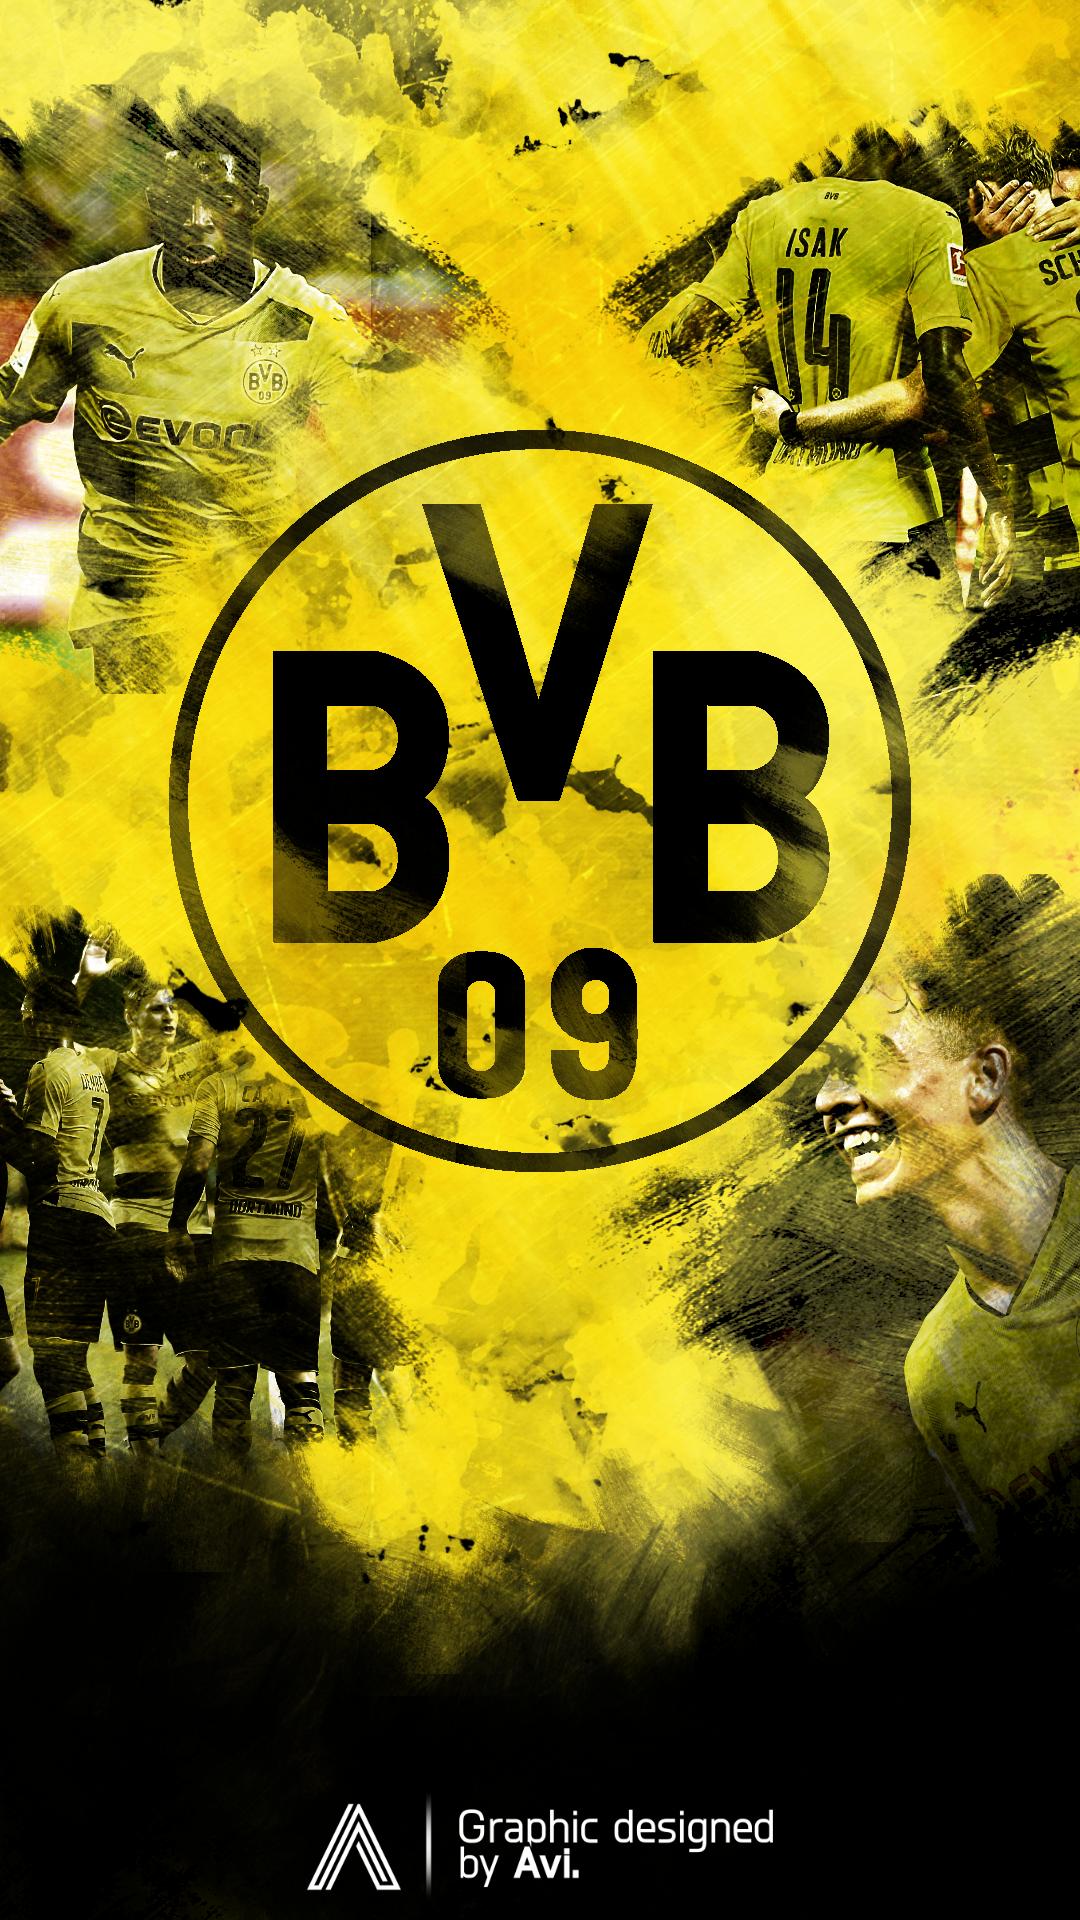 Borussia Dortmund Wallpaper Imgbb Com For More Stella Football Wallpaper Borussia Dortmund Wallpaper Dortmund